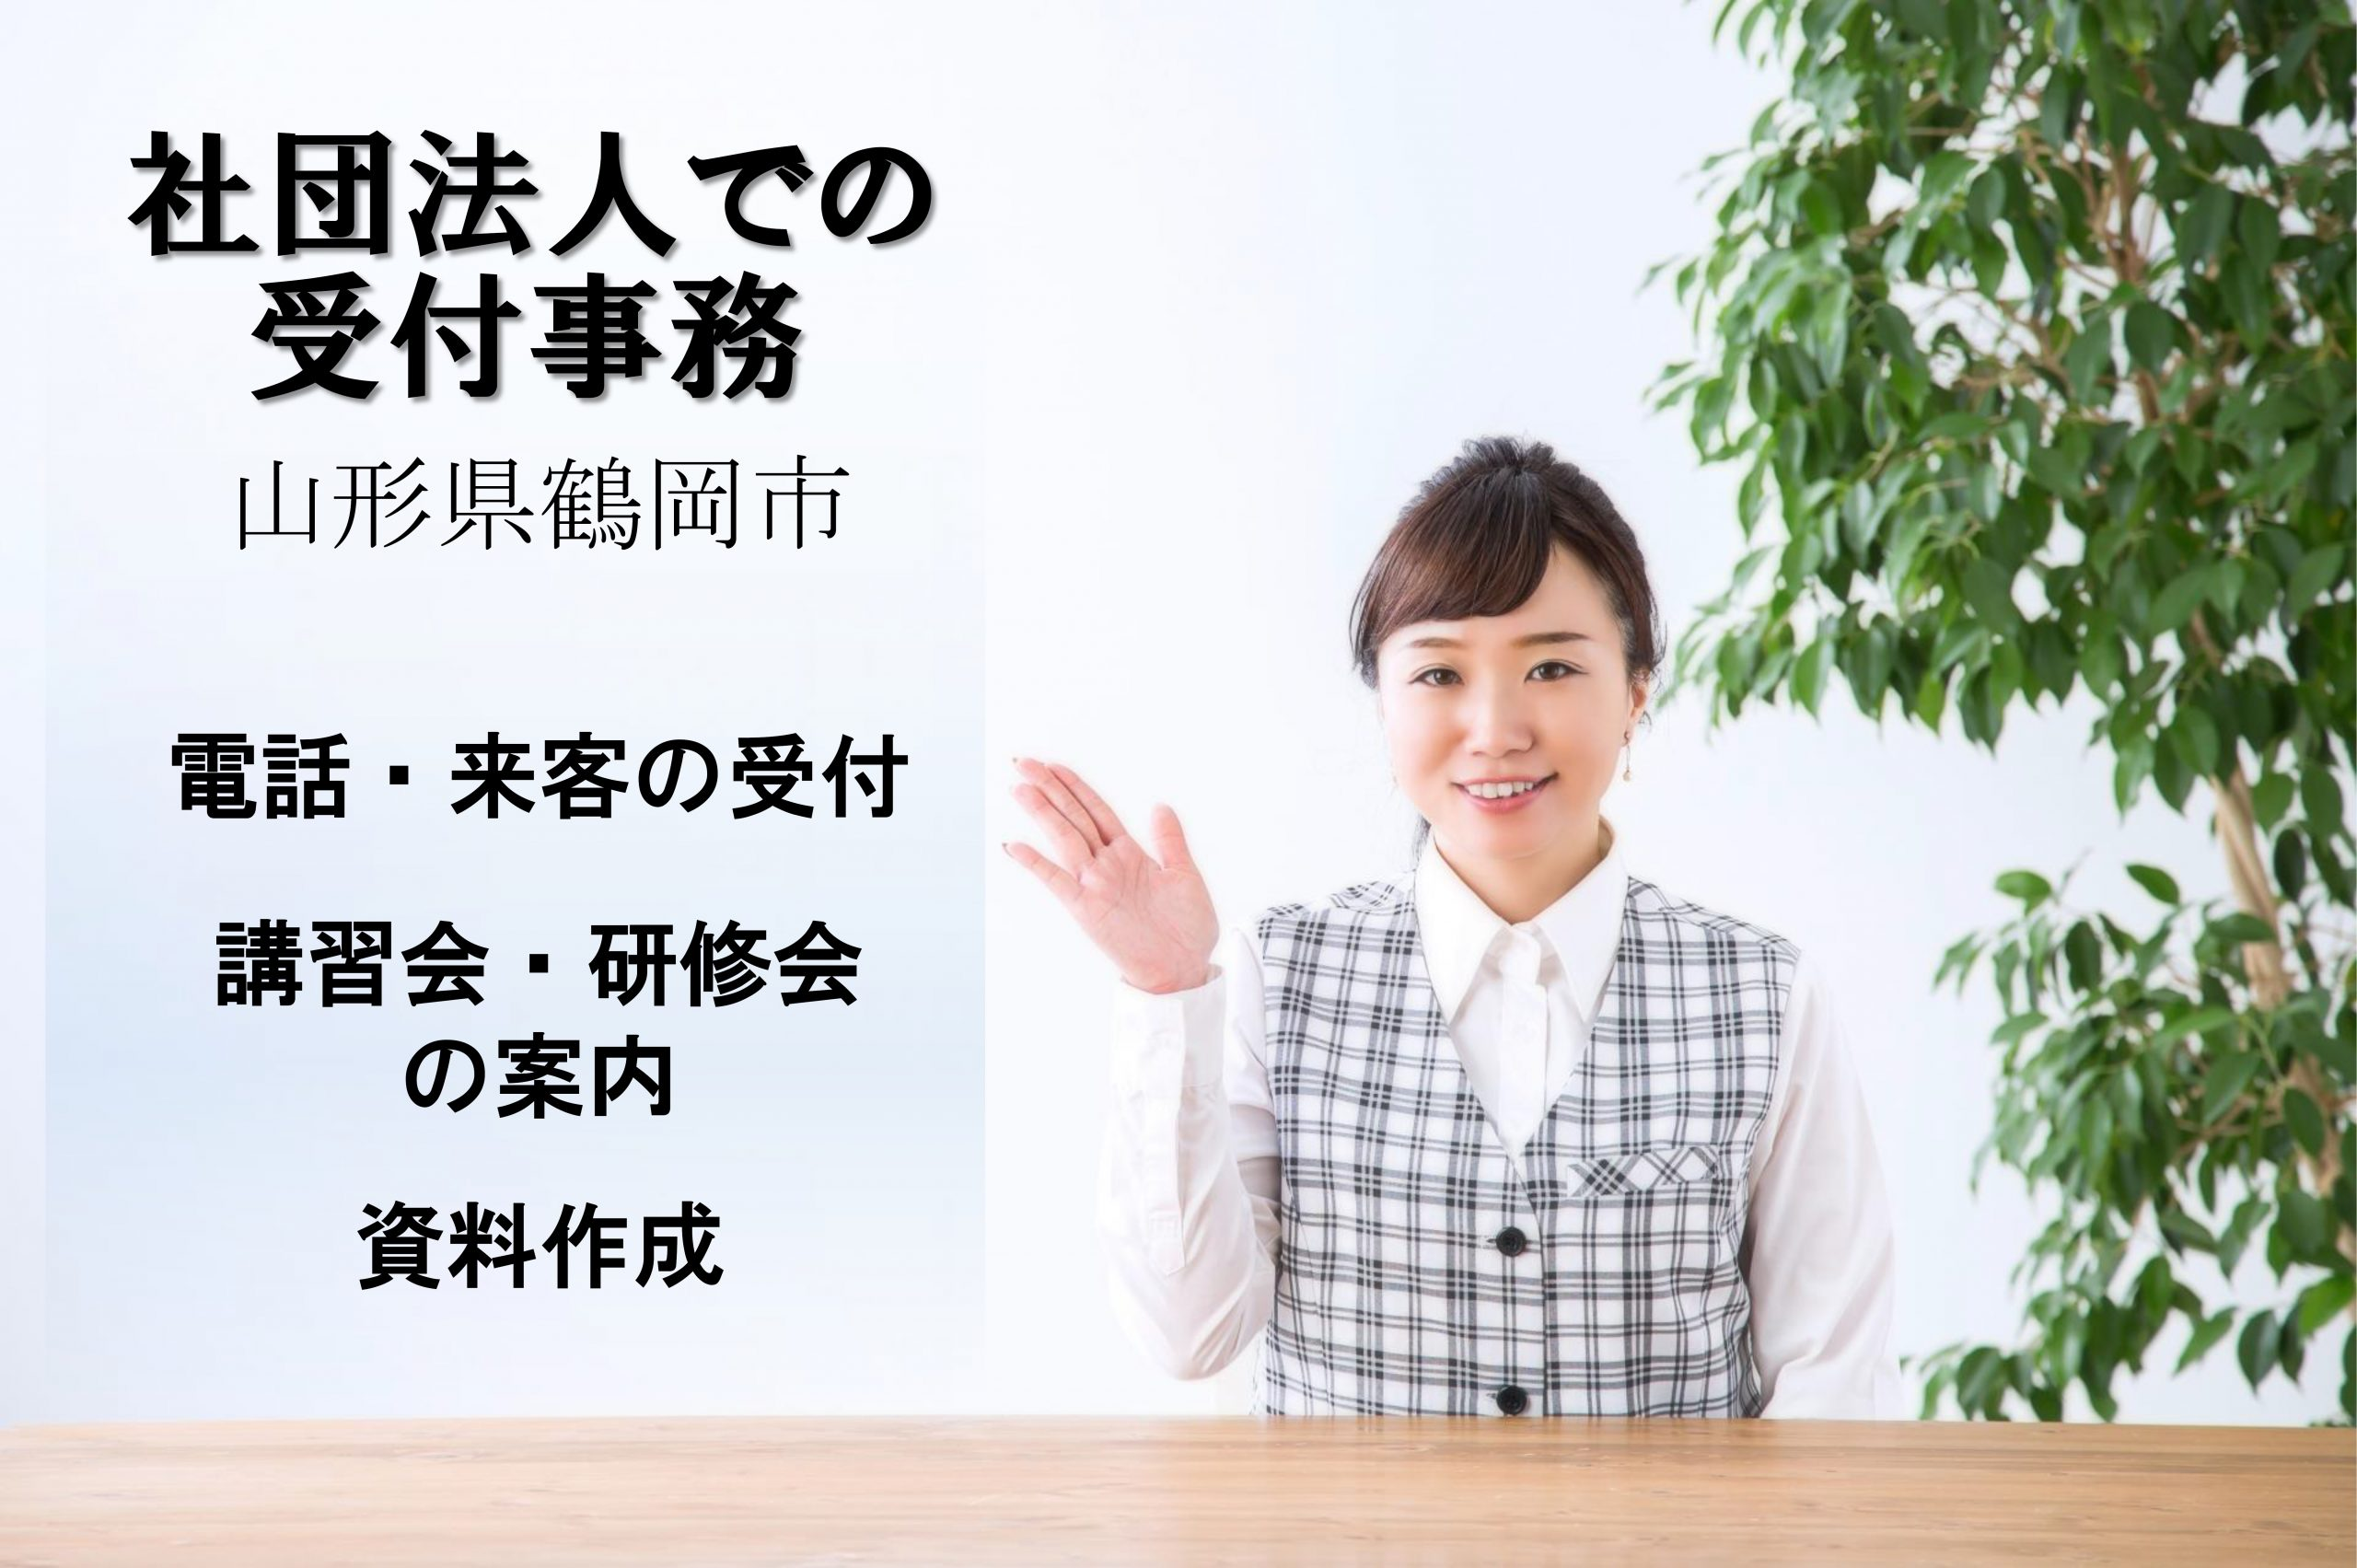 【鶴岡市】社団法人での受付事務